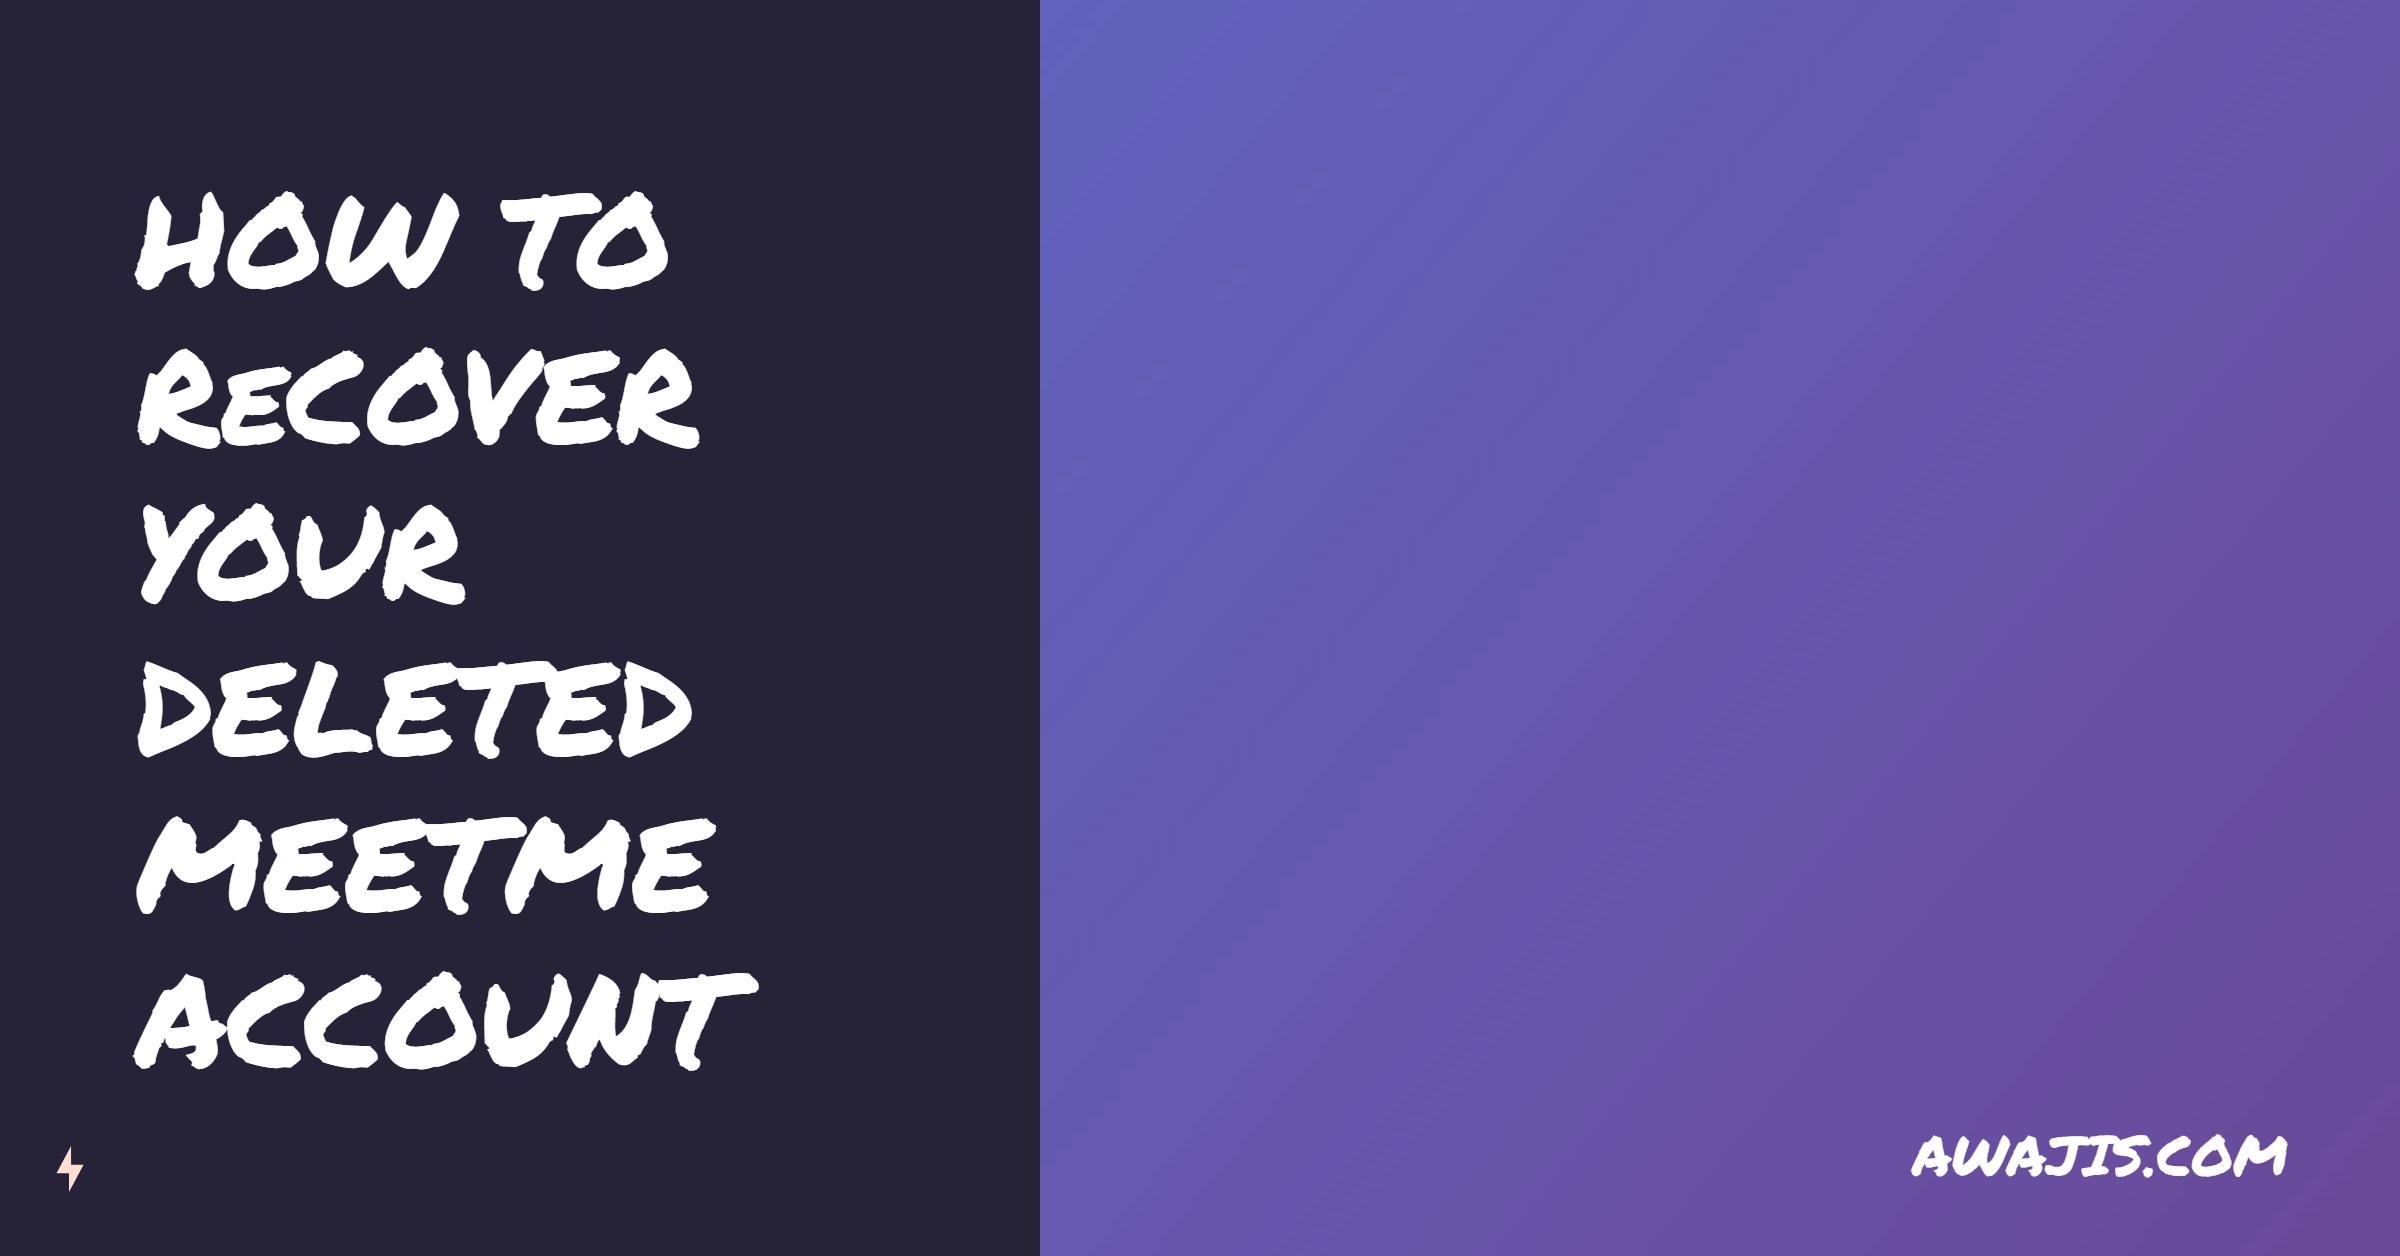 Meetme verify account